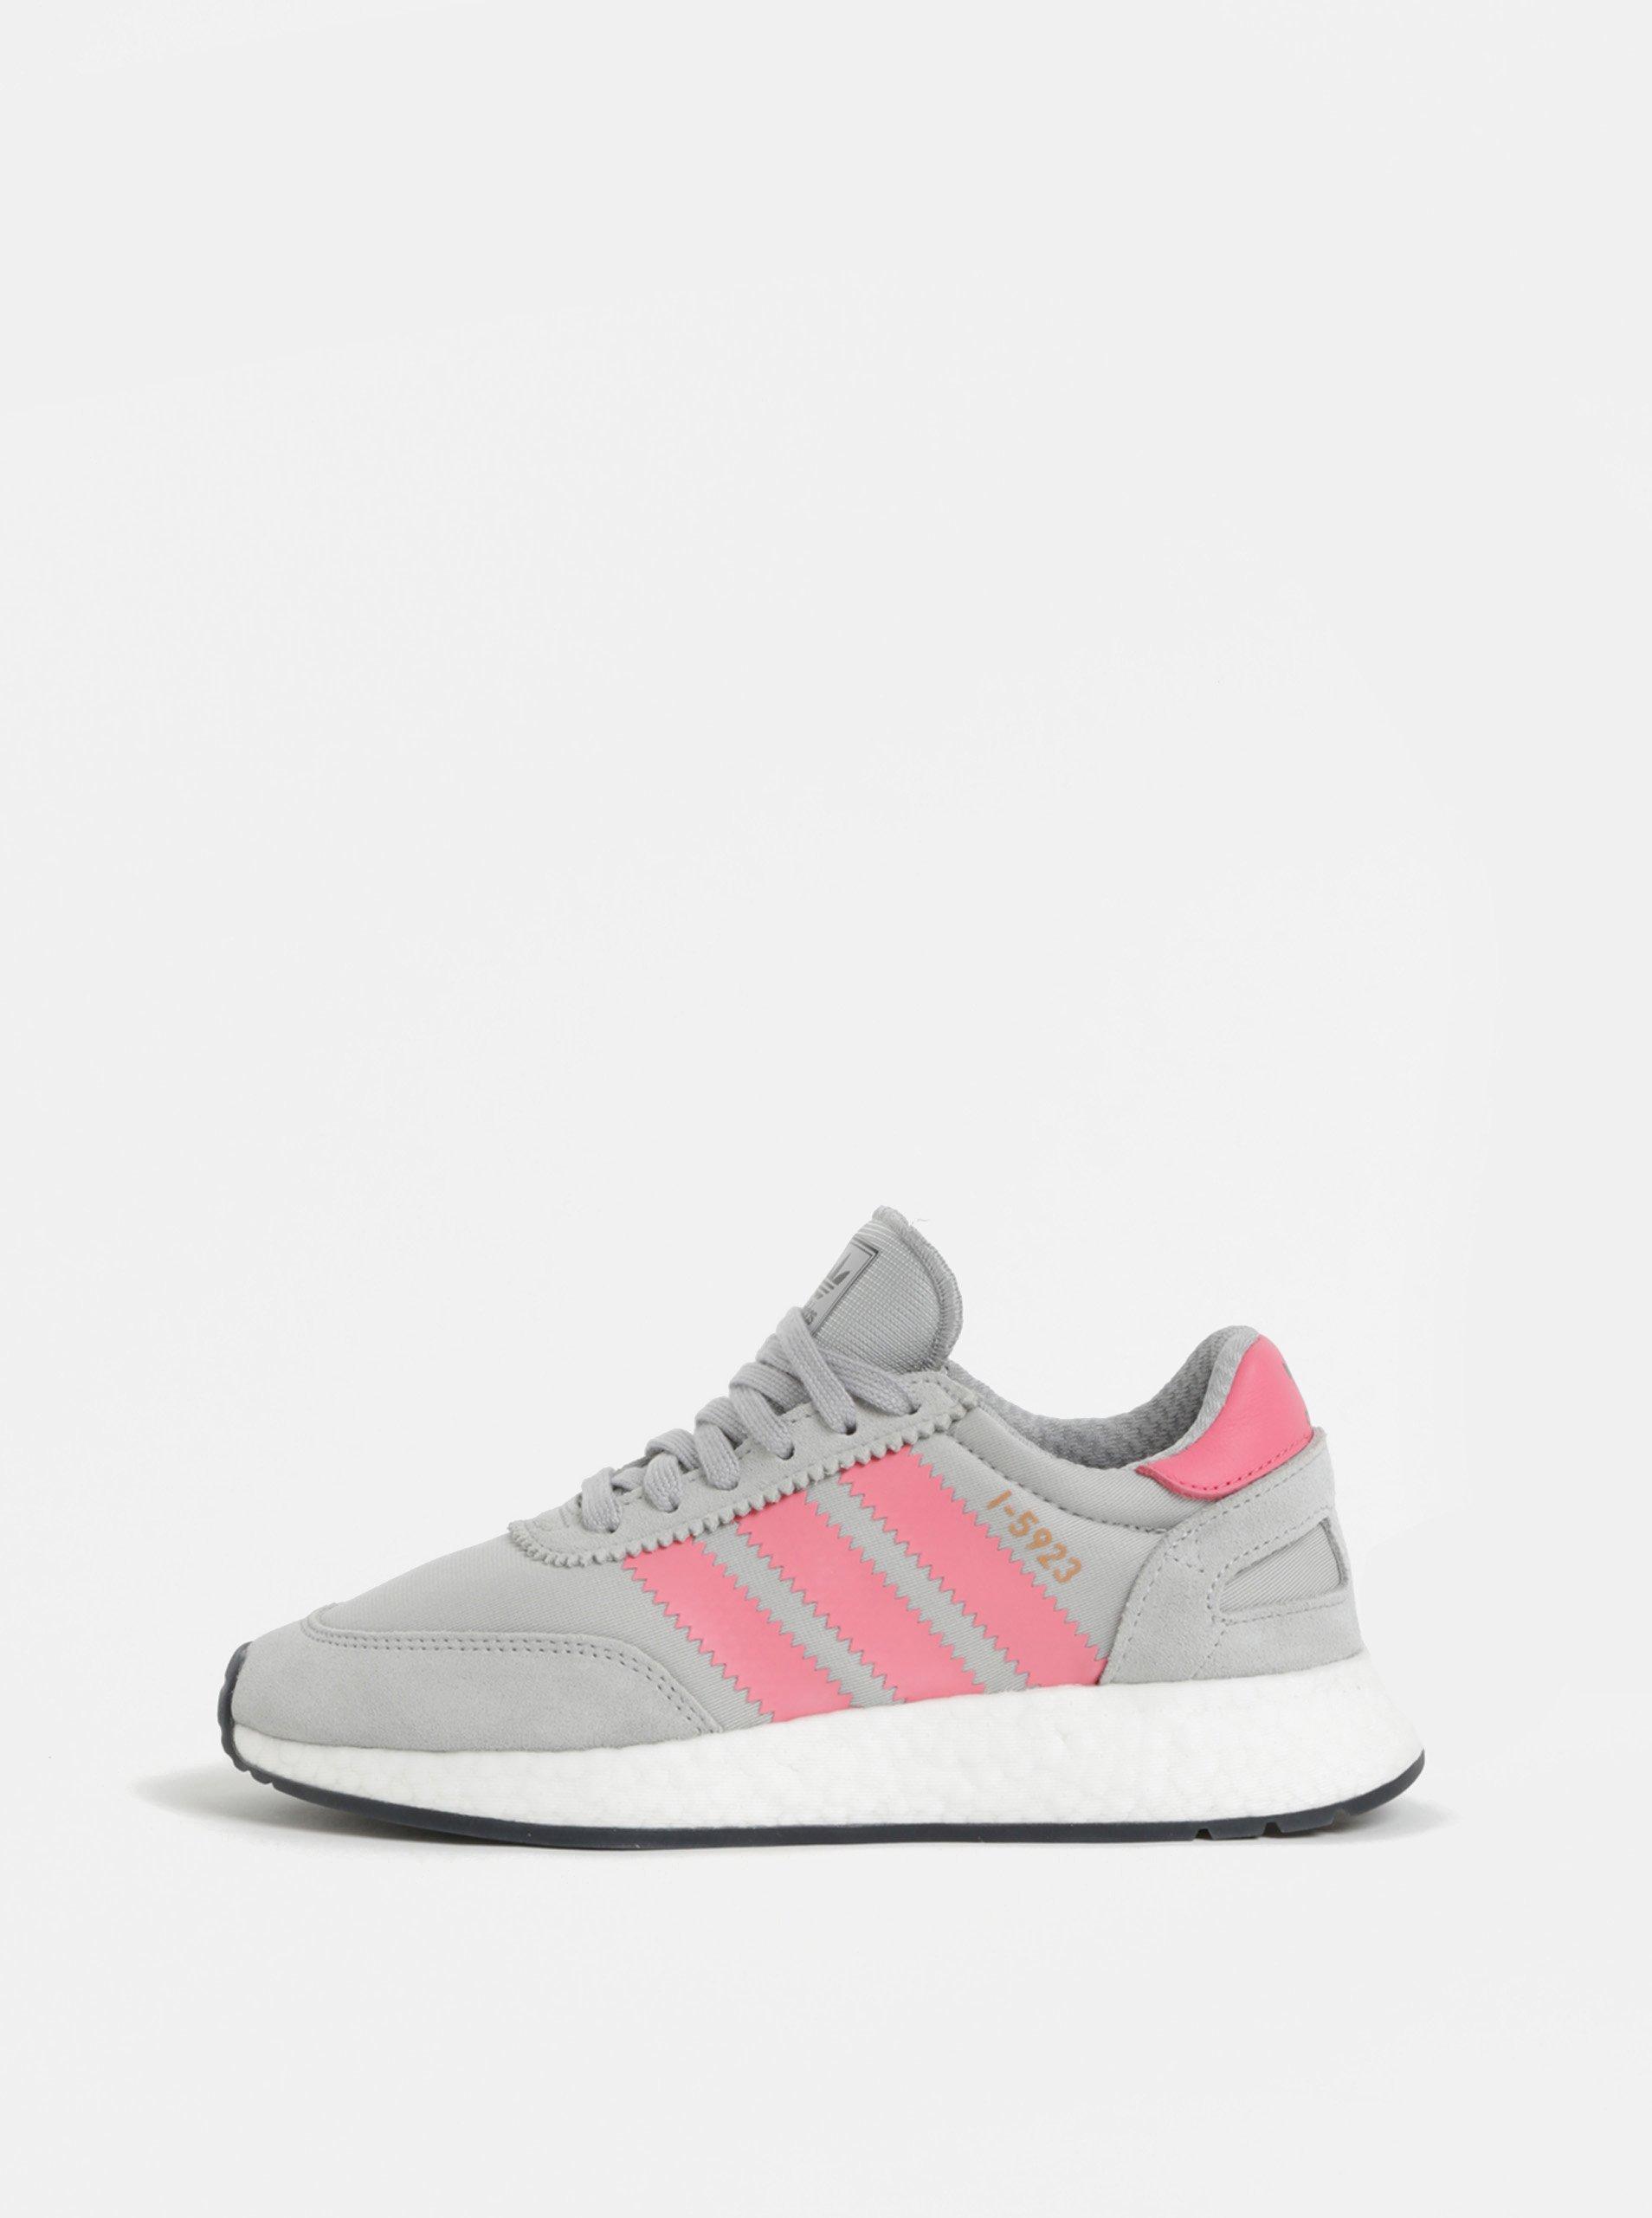 Růžovo-šedé dámské tenisky adidas Originals Iniki Runner